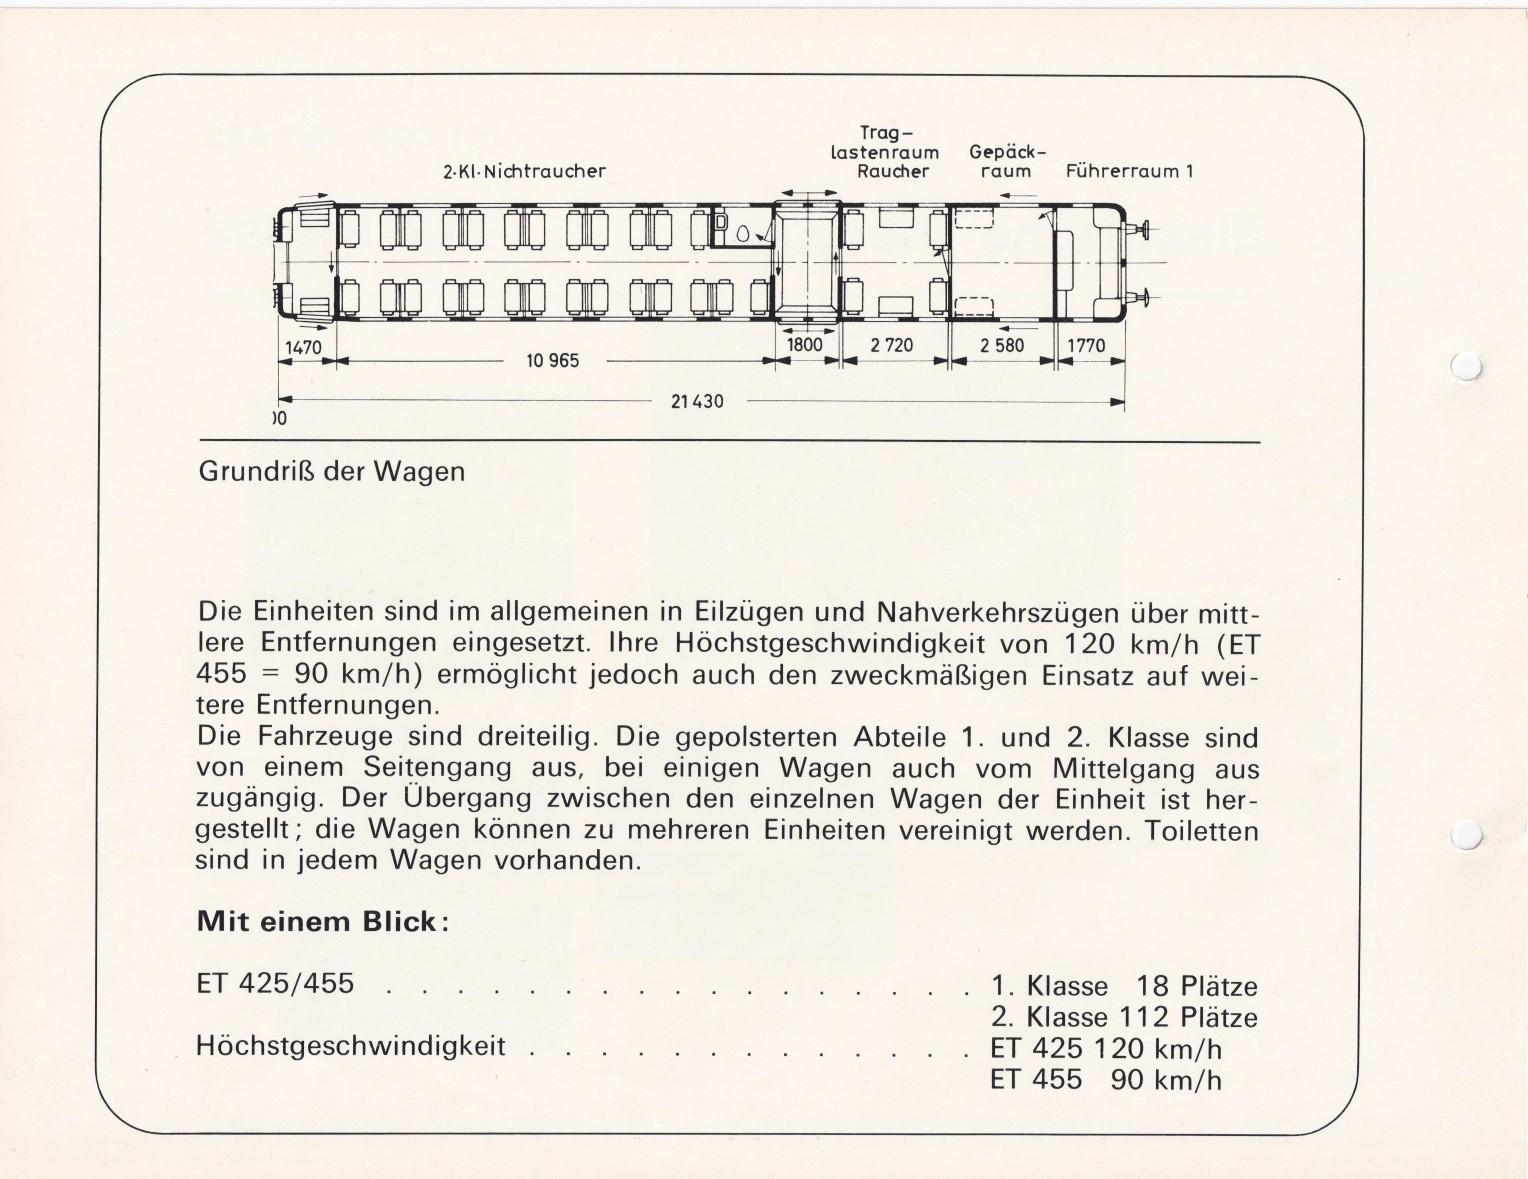 https://www.nullclub.de/hifo/Fahrzeuglexikon/Wagen46h.jpg